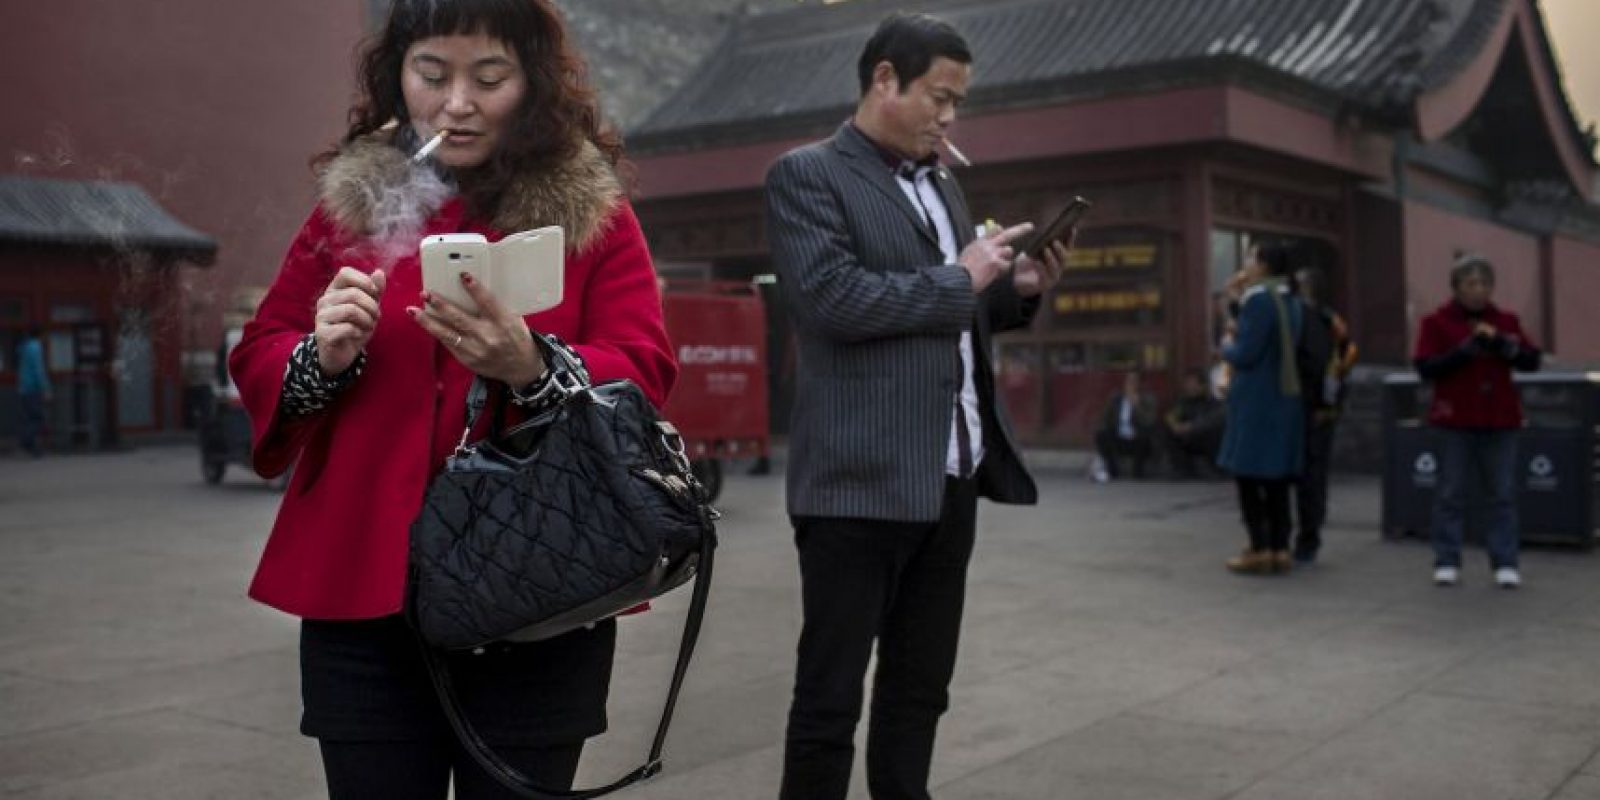 5. También mencionaron sentirse mal físicamente, experimentando una sensación de enfermedad al estar alejados de sus celulares mientras estos sonaban. Foto:Getty Images